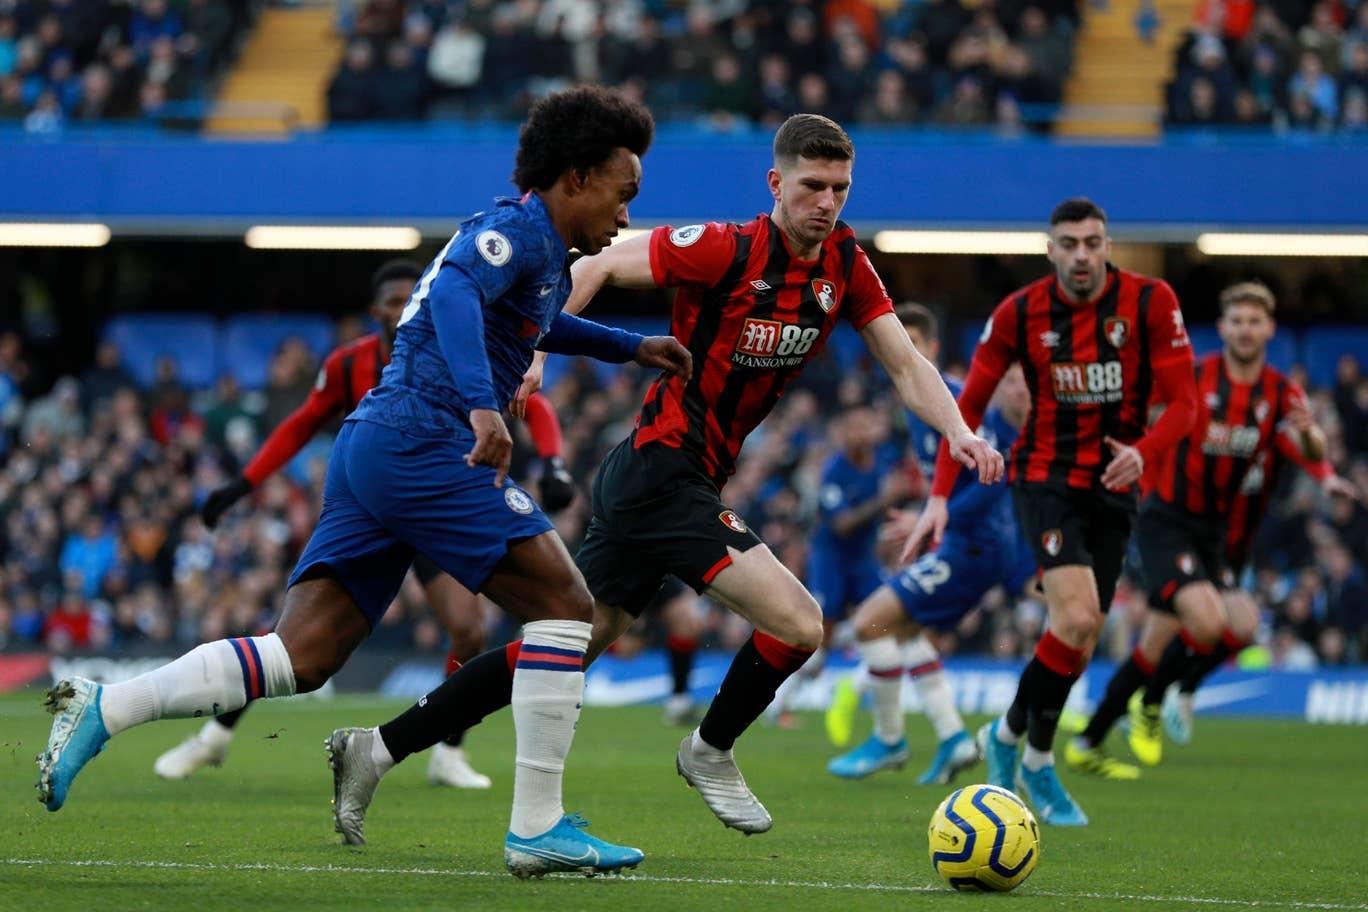 Trực tiếp Bournemouth vs Chelsea: Mệnh lệnh phải thắng